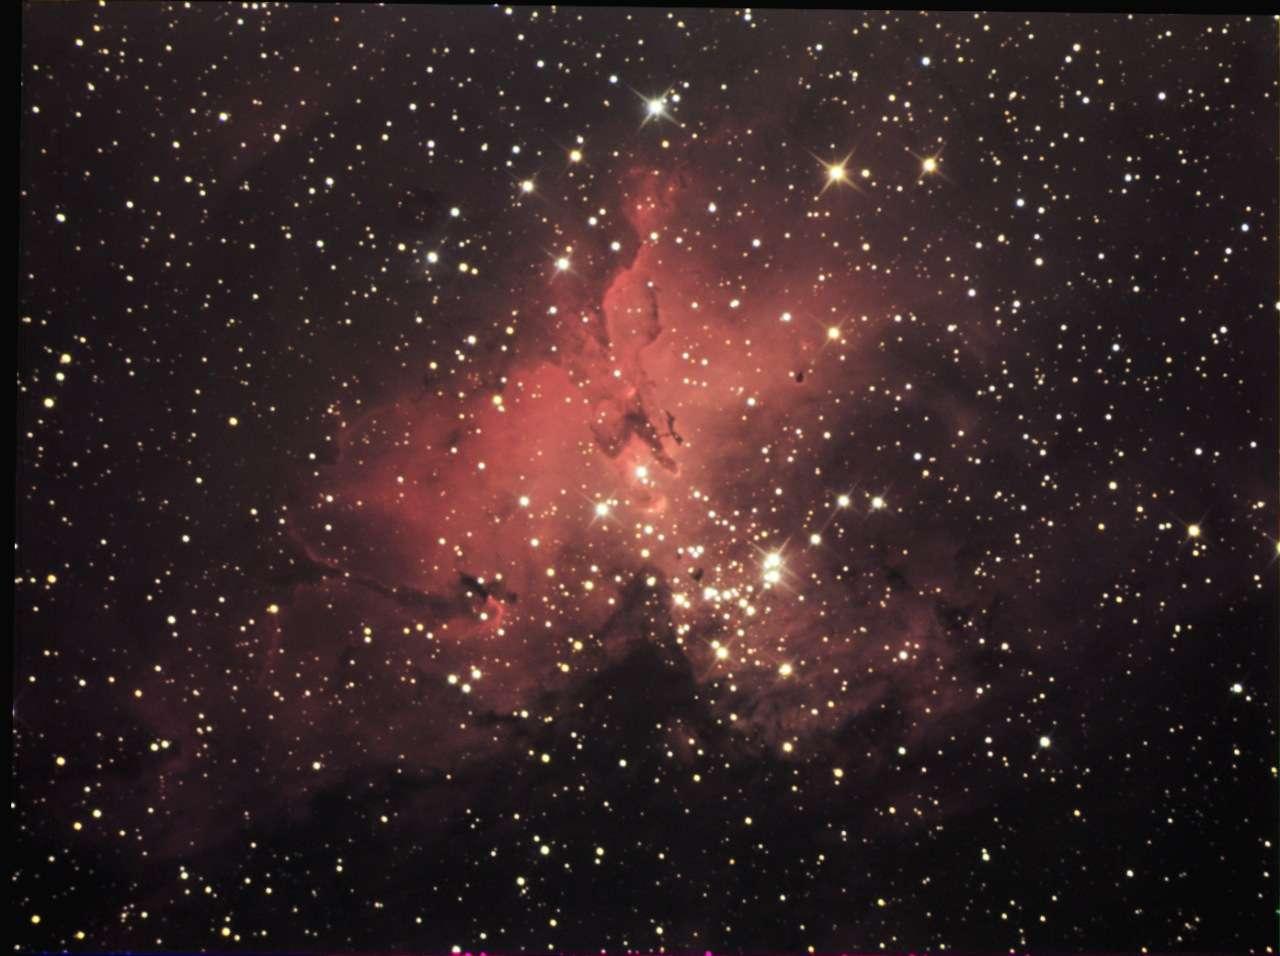 Image de «Chamois» (son pseudo sur le forum) en 80 minutes de pose avec une caméra CCD et un télescope de 200 mm.